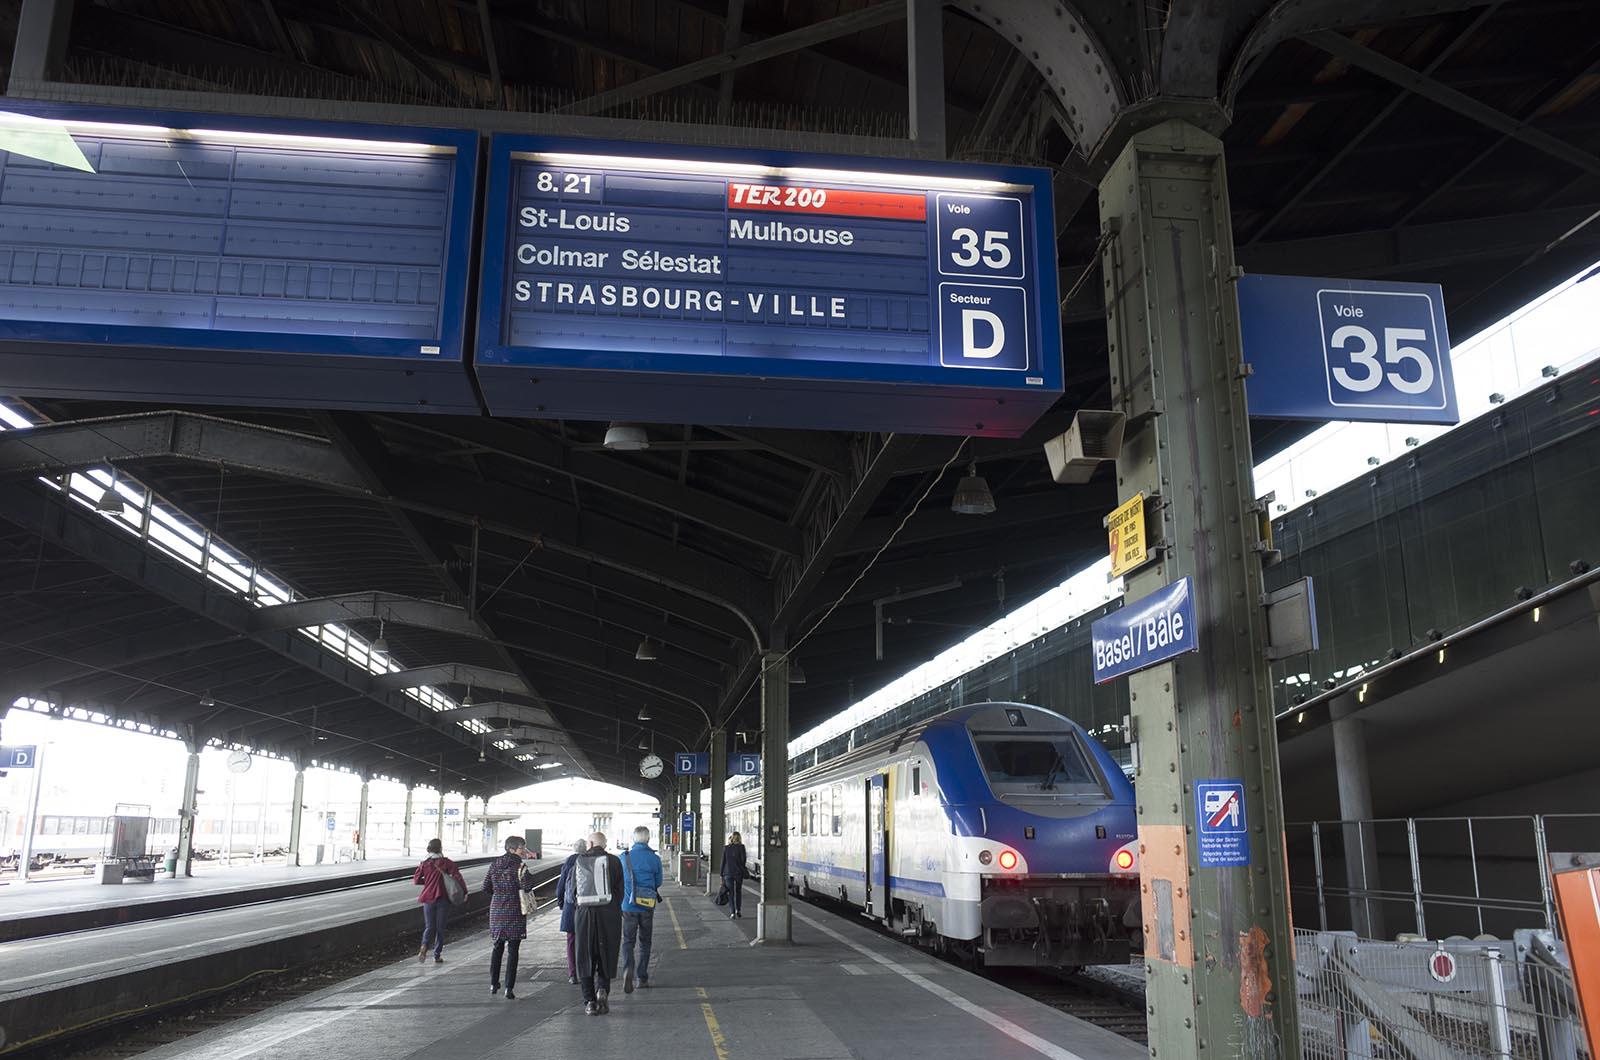 ヨーロッパ鉄道建築の旅'16:3日目 バーゼルからストラスブール・コルマールへ